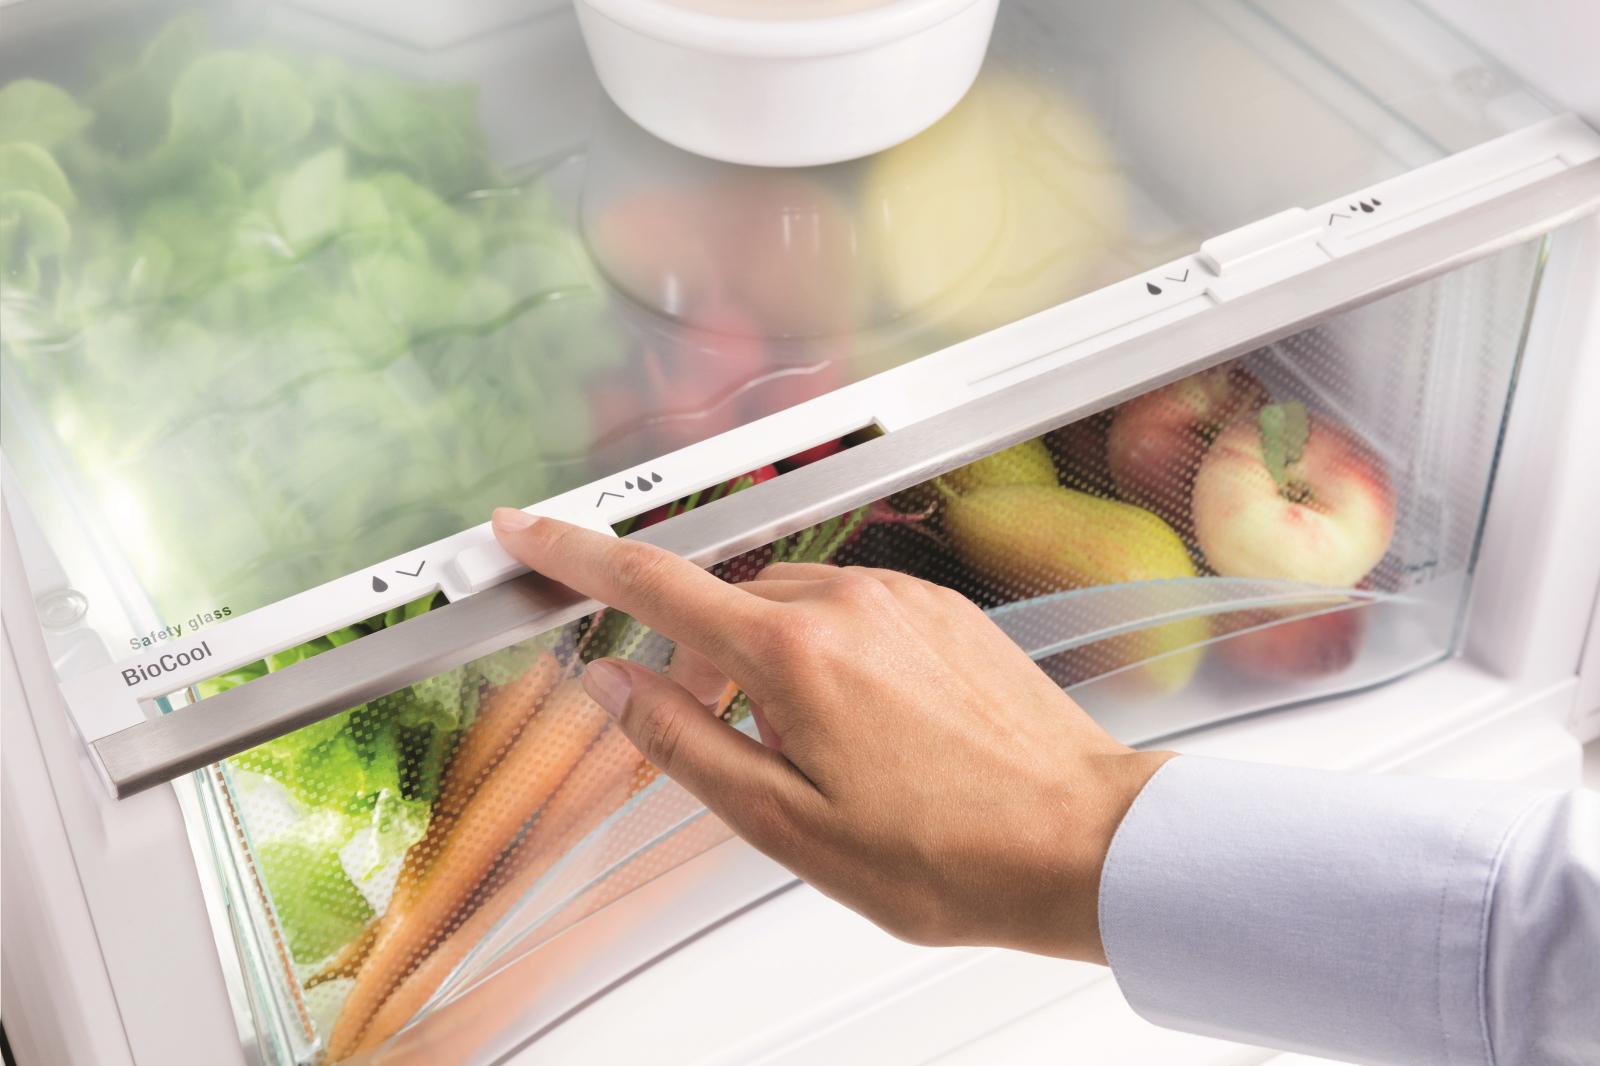 купить Встраиваемый холодильник Side-by-side Liebherr SBS 66I3 21 Украина фото 10